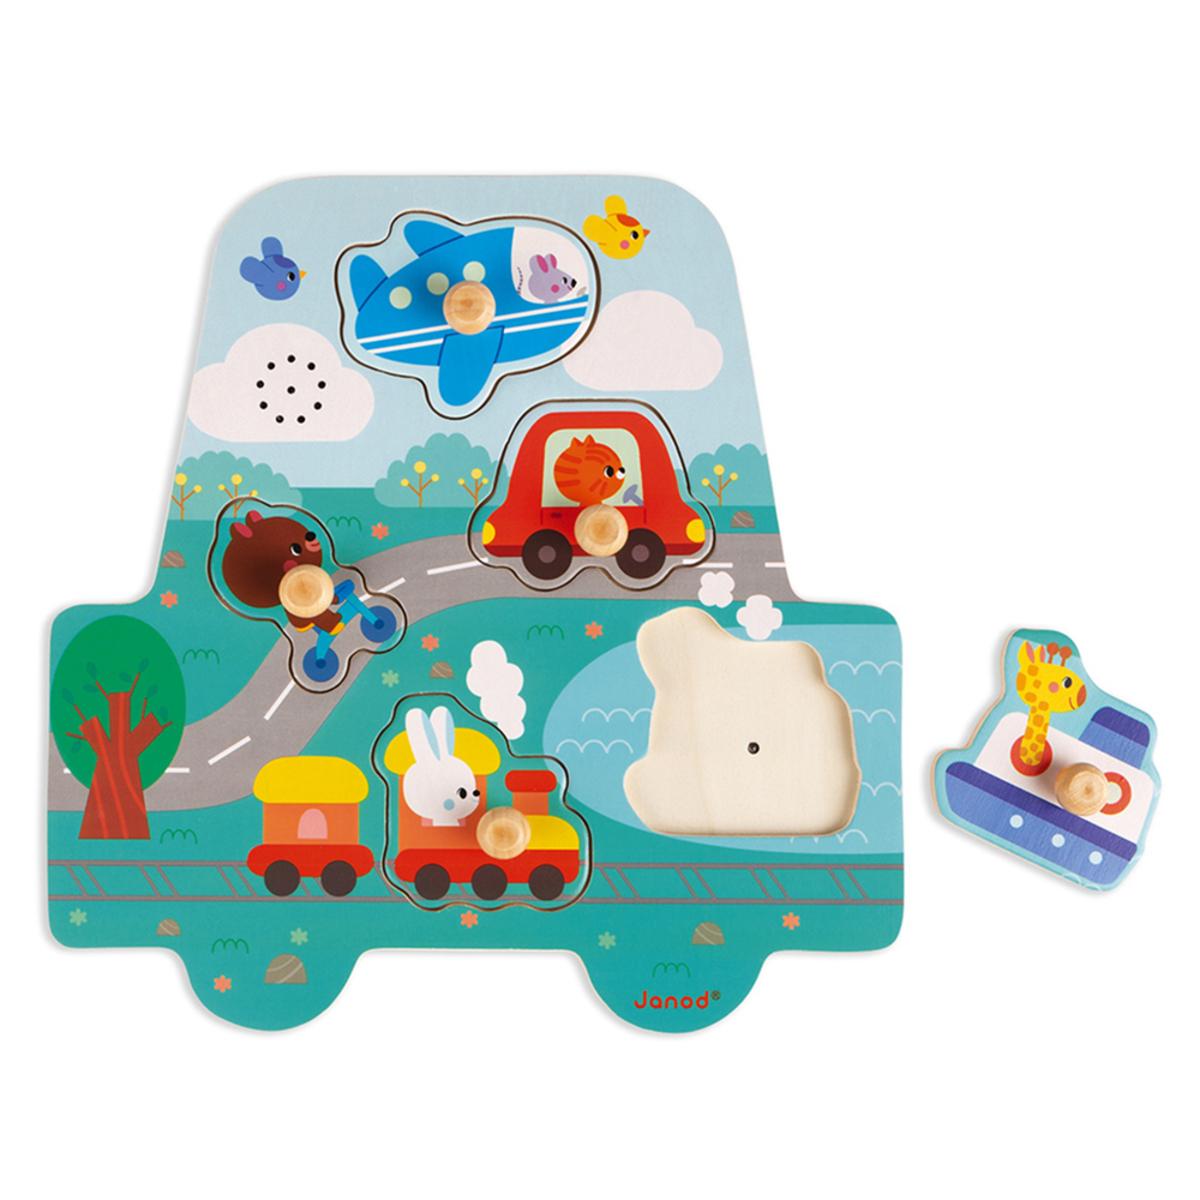 Mes premiers jouets Puzzle Musical Les Petits Bolides Puzzle Musical Les Petits Bolides